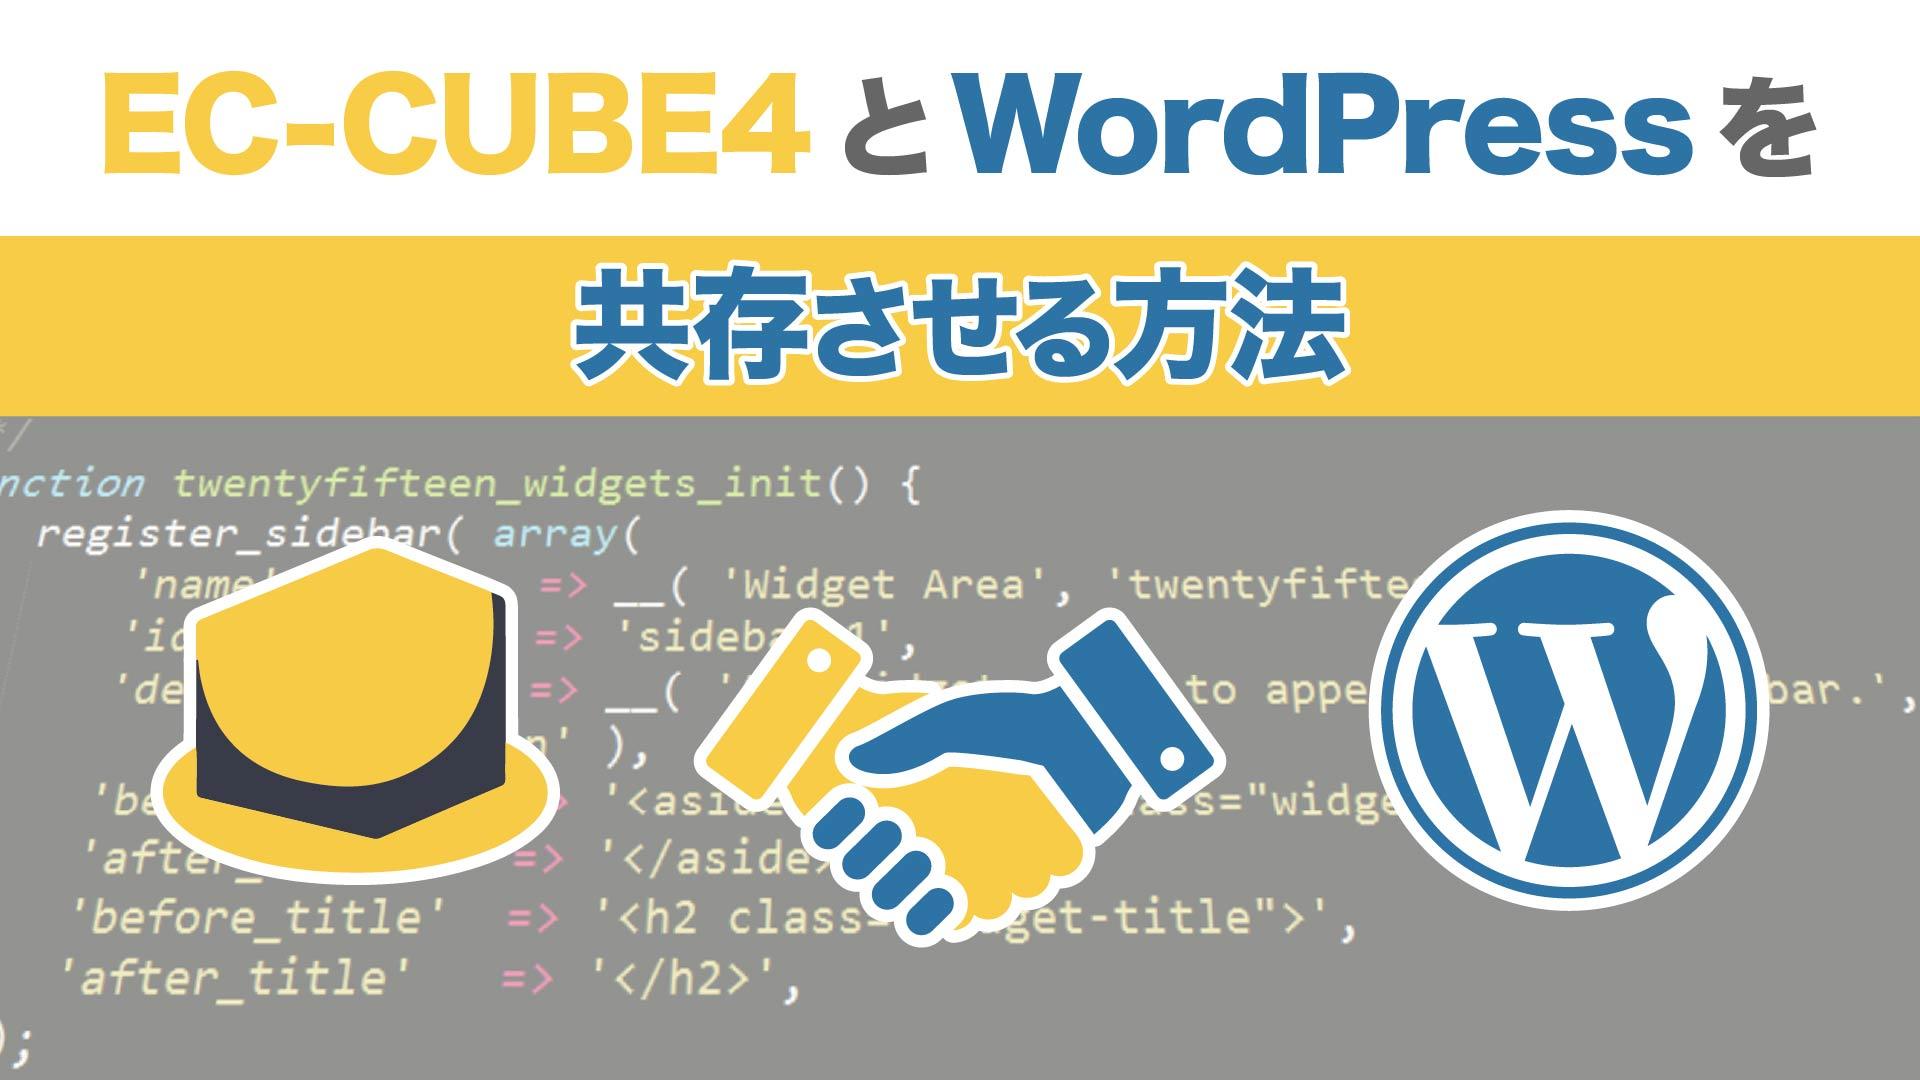 EC-CUBE4内にWordPressを設置(共存)する方法